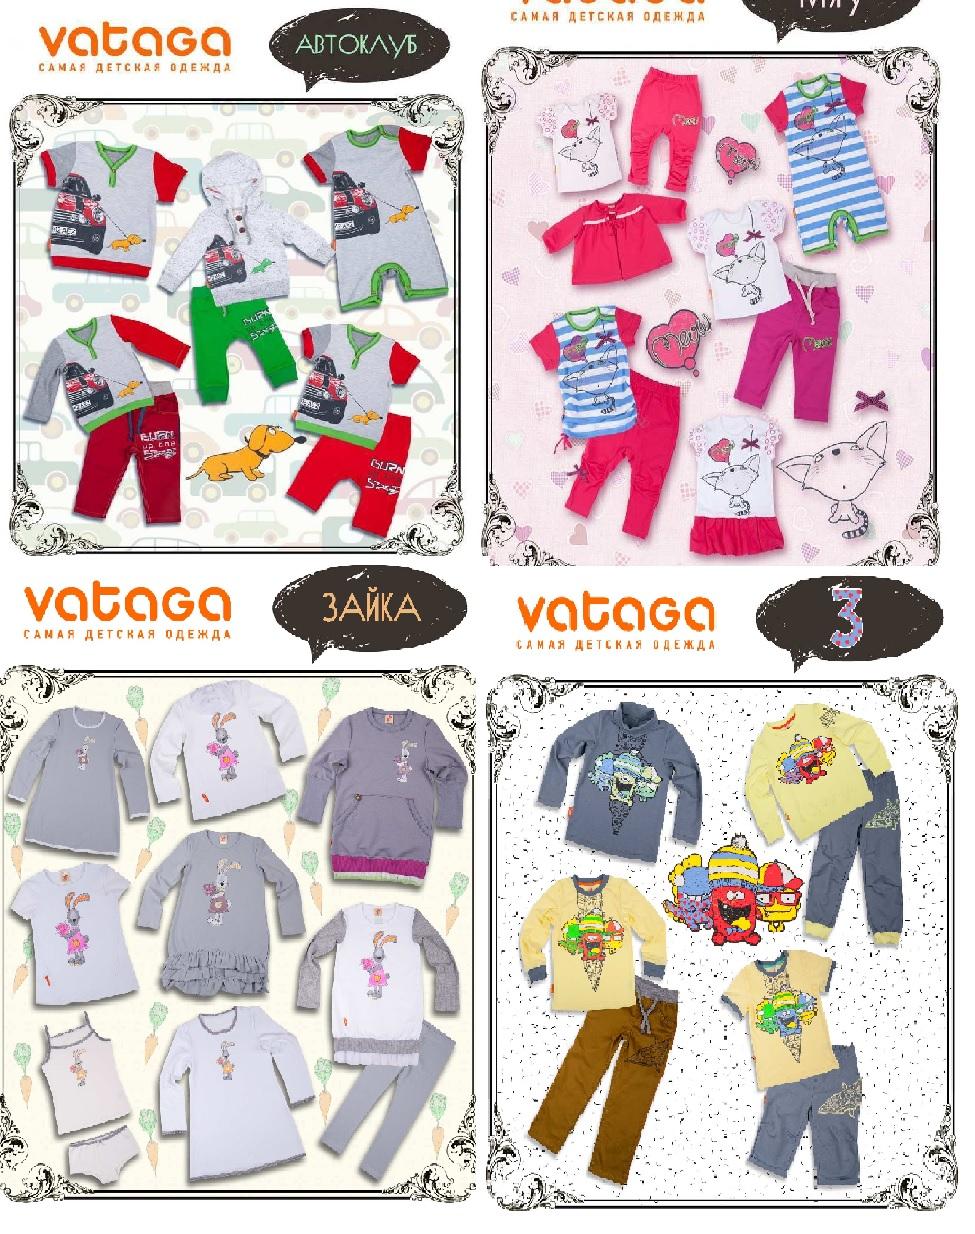 Сбор заказов. Самая детская удивительная одежда Vataga высшего качества для деток от 56 до 146 по низким ценам. Без рядов! Новые яркие принты!